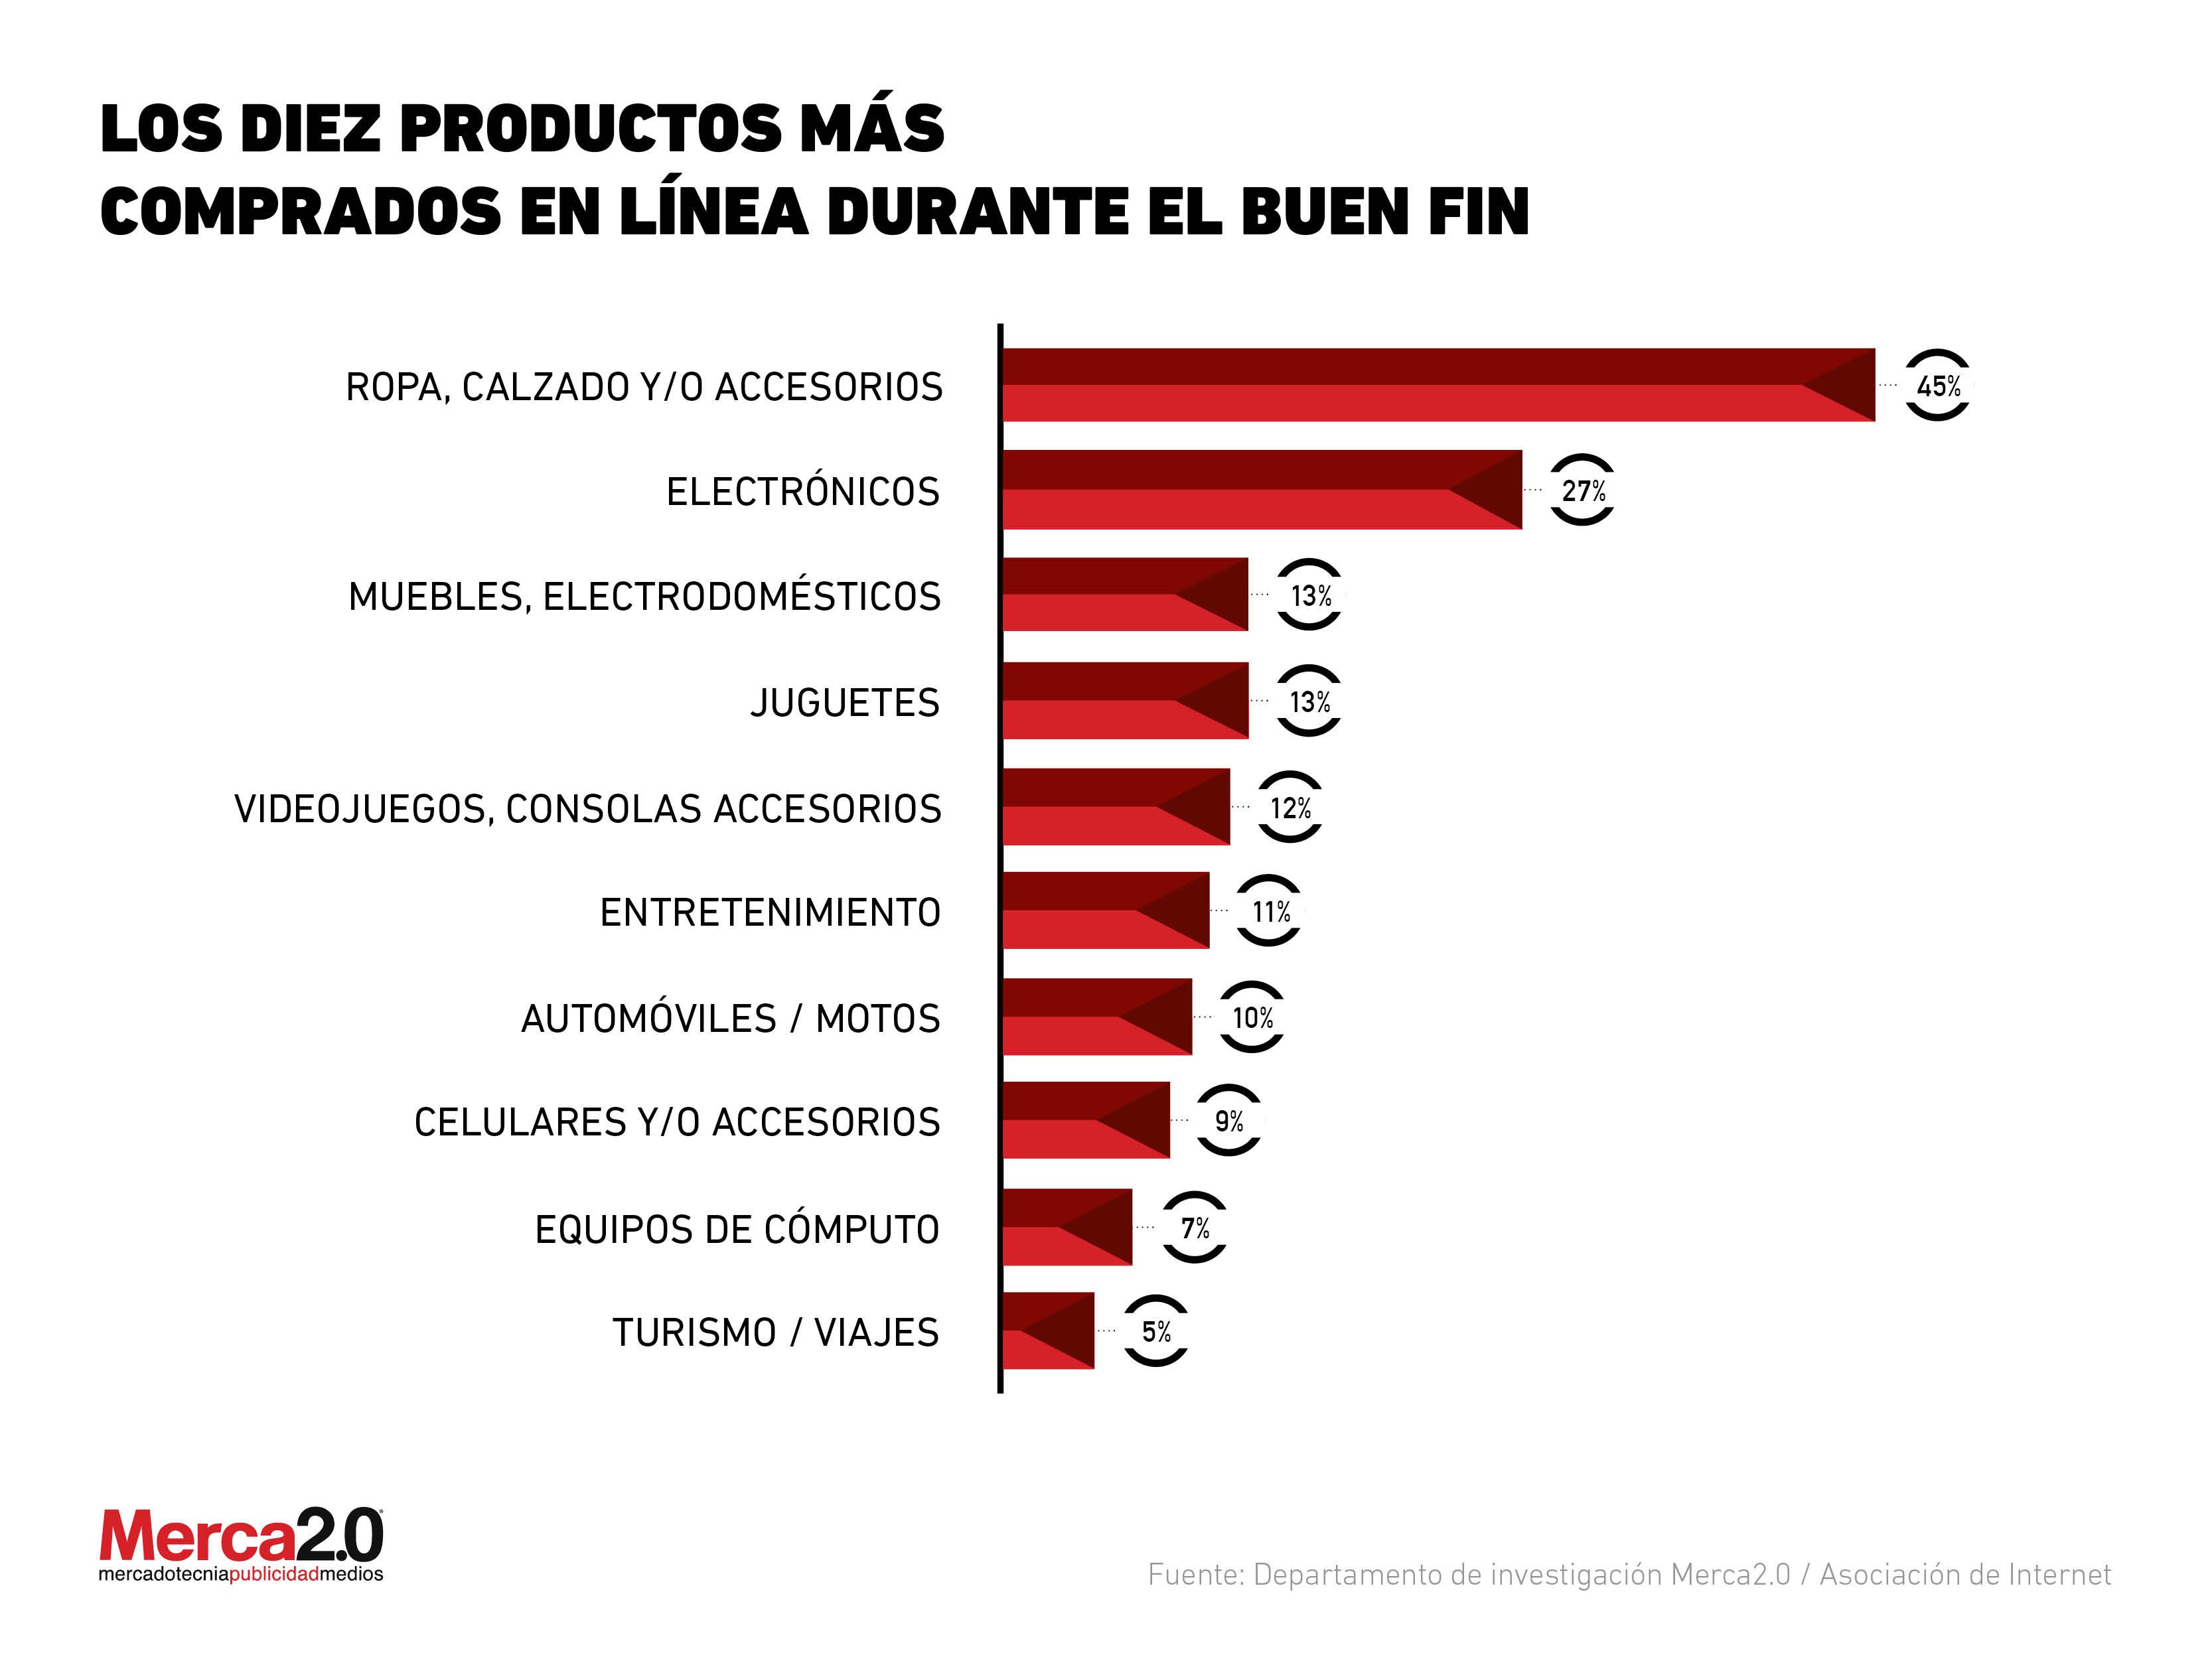 Los 10 productos más comprados en línea durante el Buen Fin